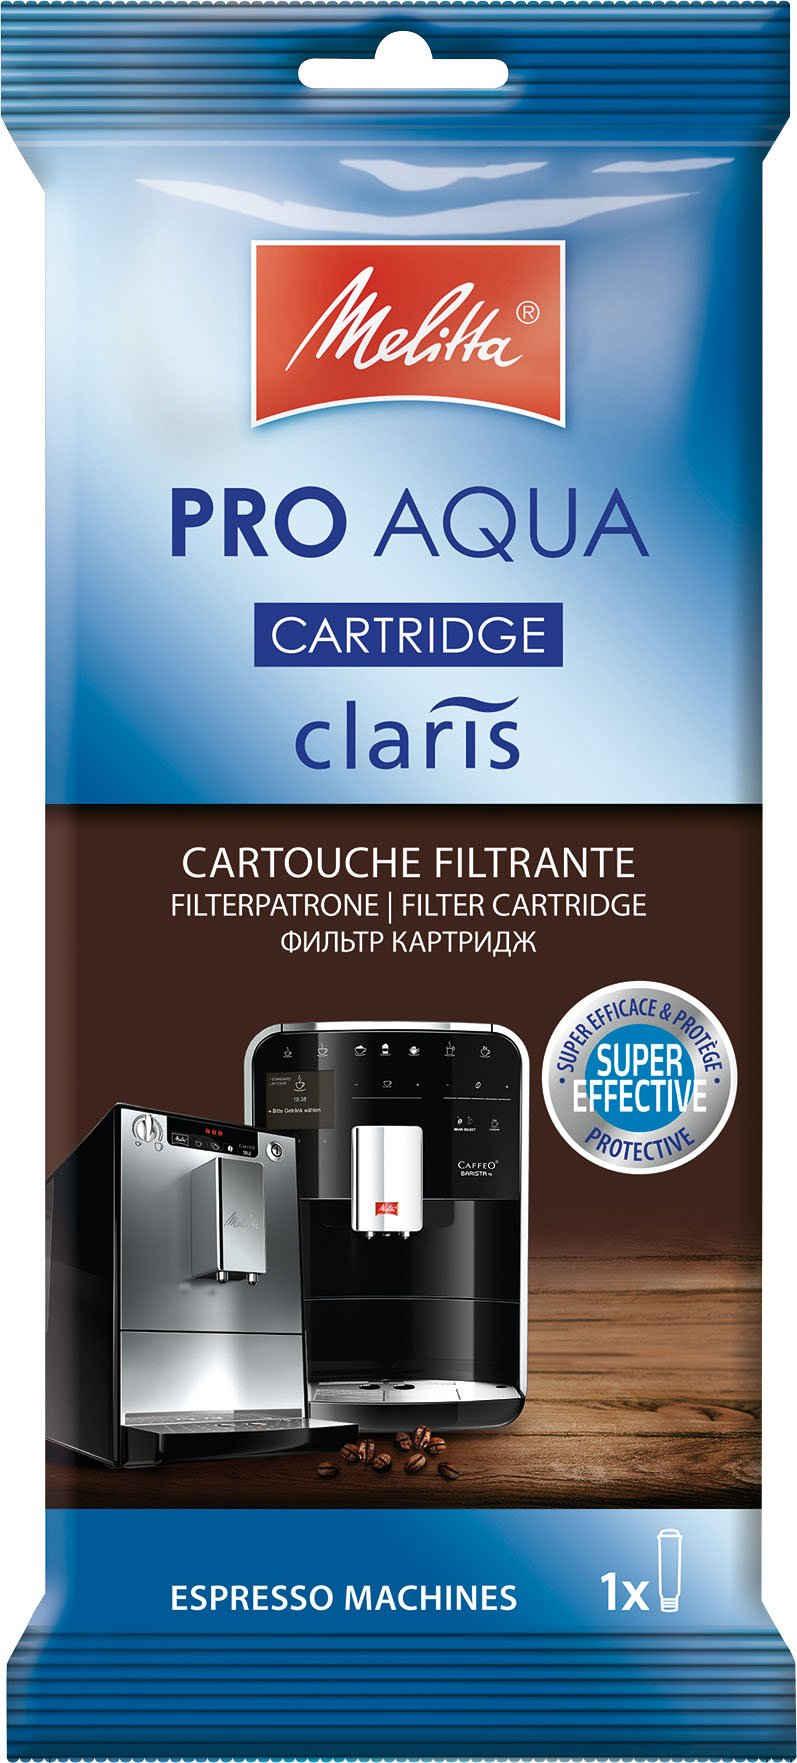 Melitta Wasserfilter PRO AQUA, Zubehör für Claris System in Kaffeevollautomaten